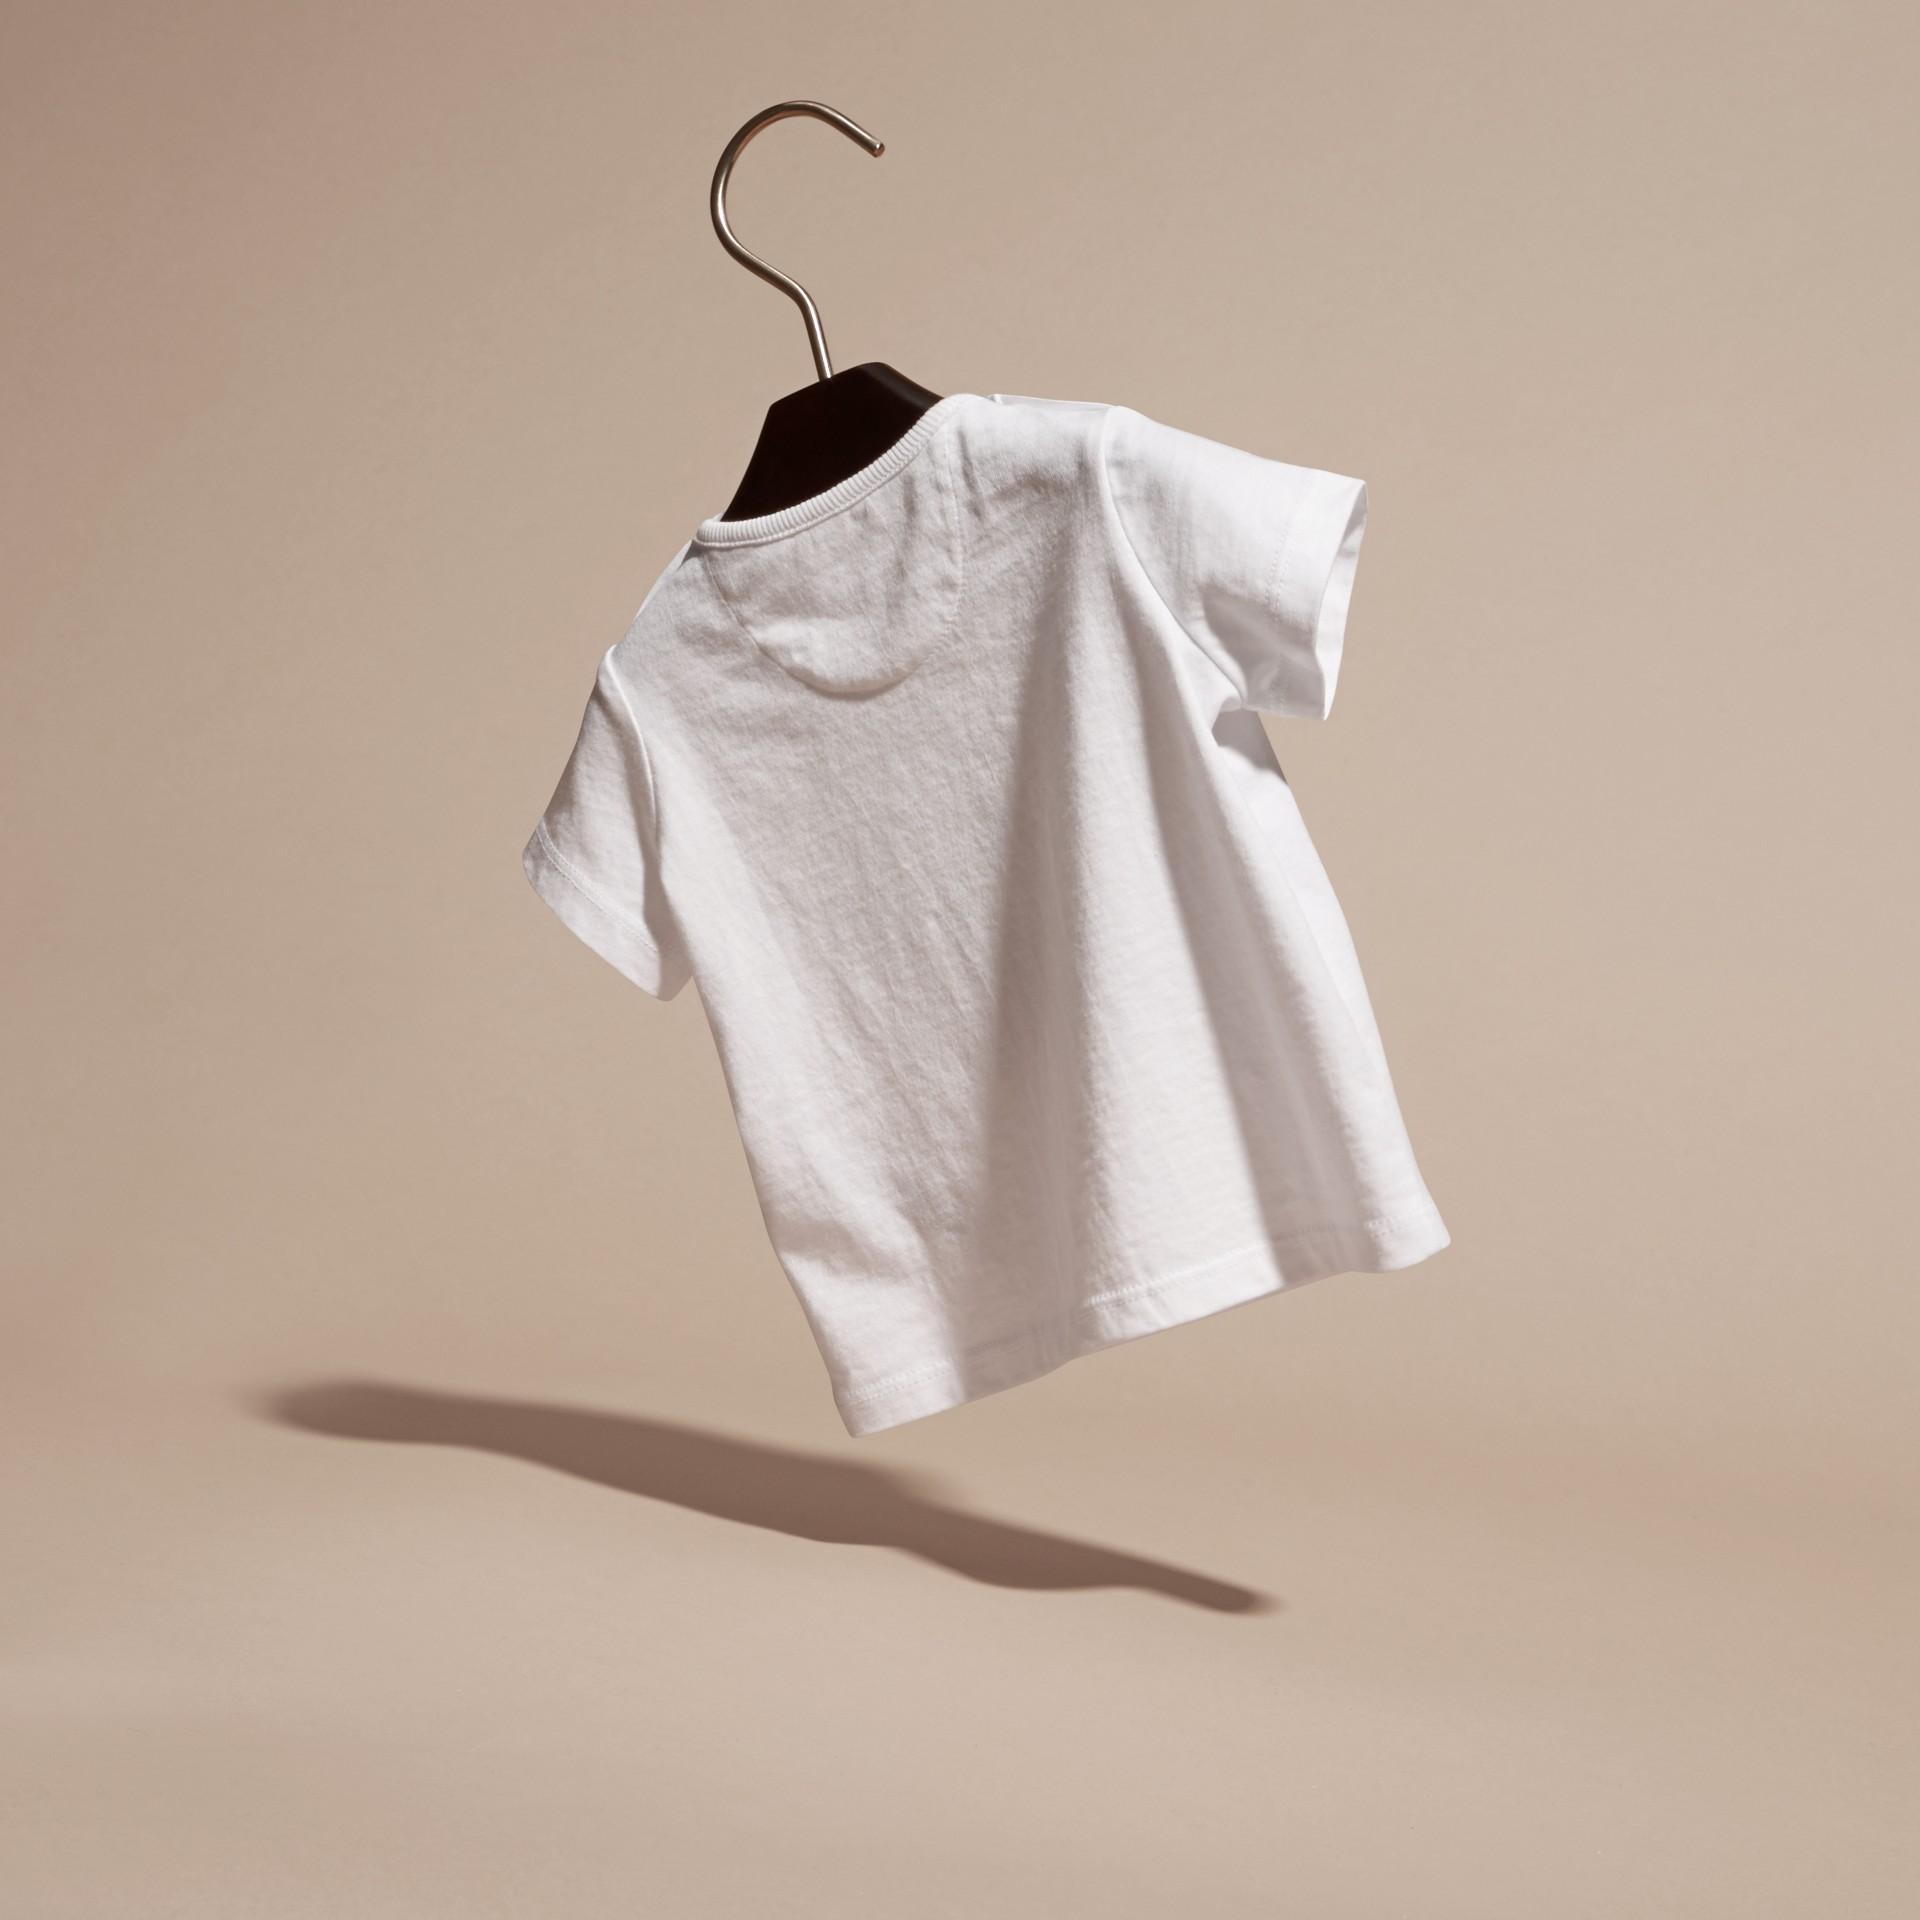 Blanc T-shirt en coton avec motif scarabée - photo de la galerie 4